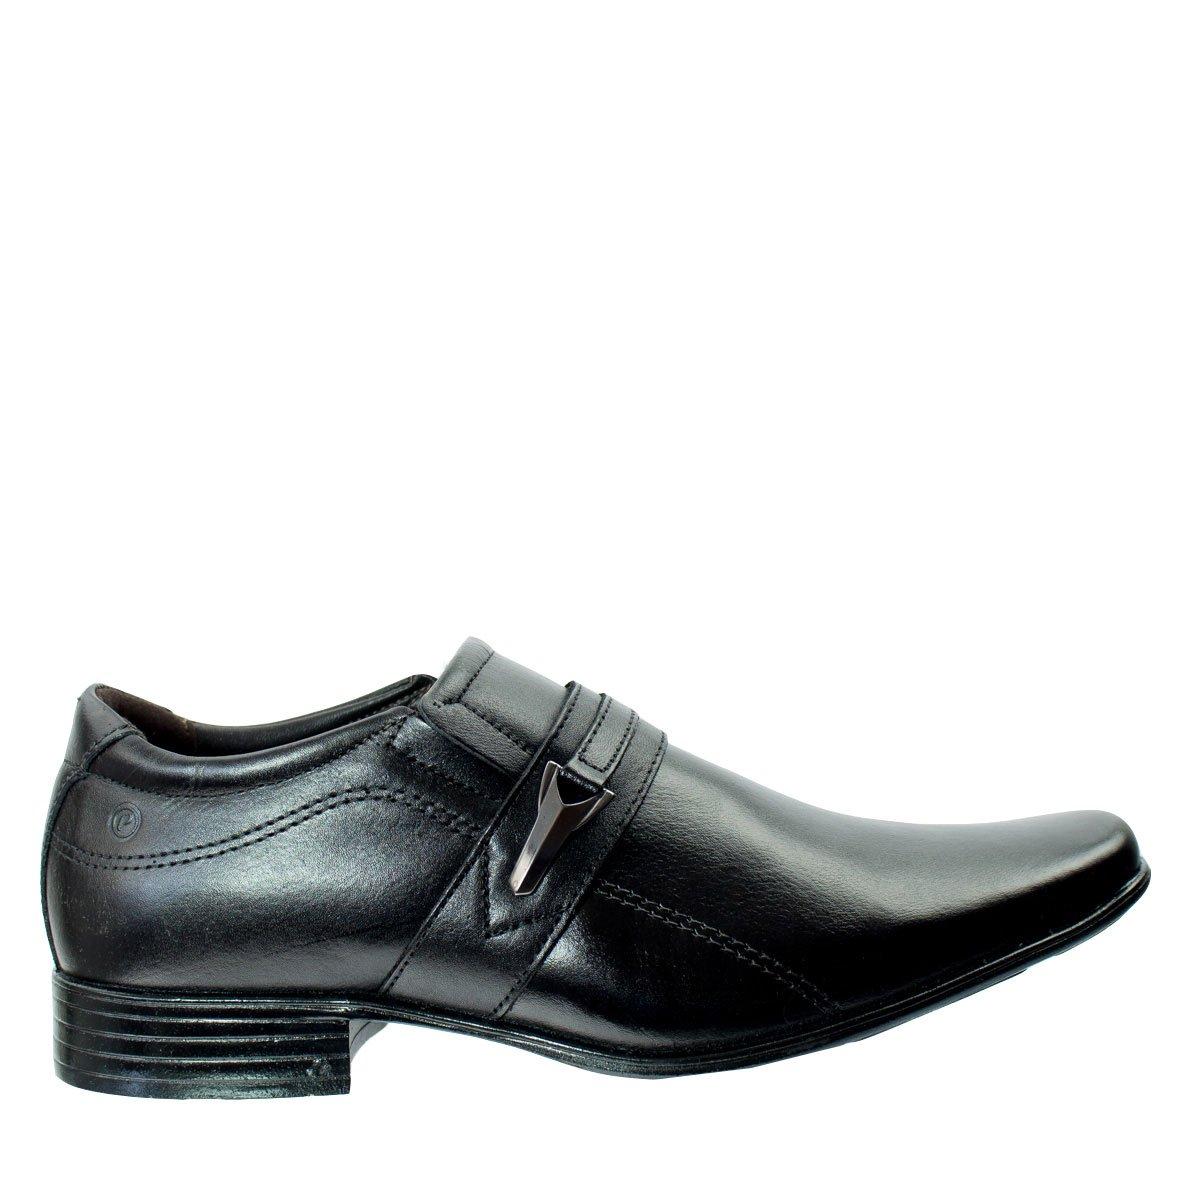 e3aa04a16 Bizz Store - Sapato Social Masculino Pegada Anilina Preto